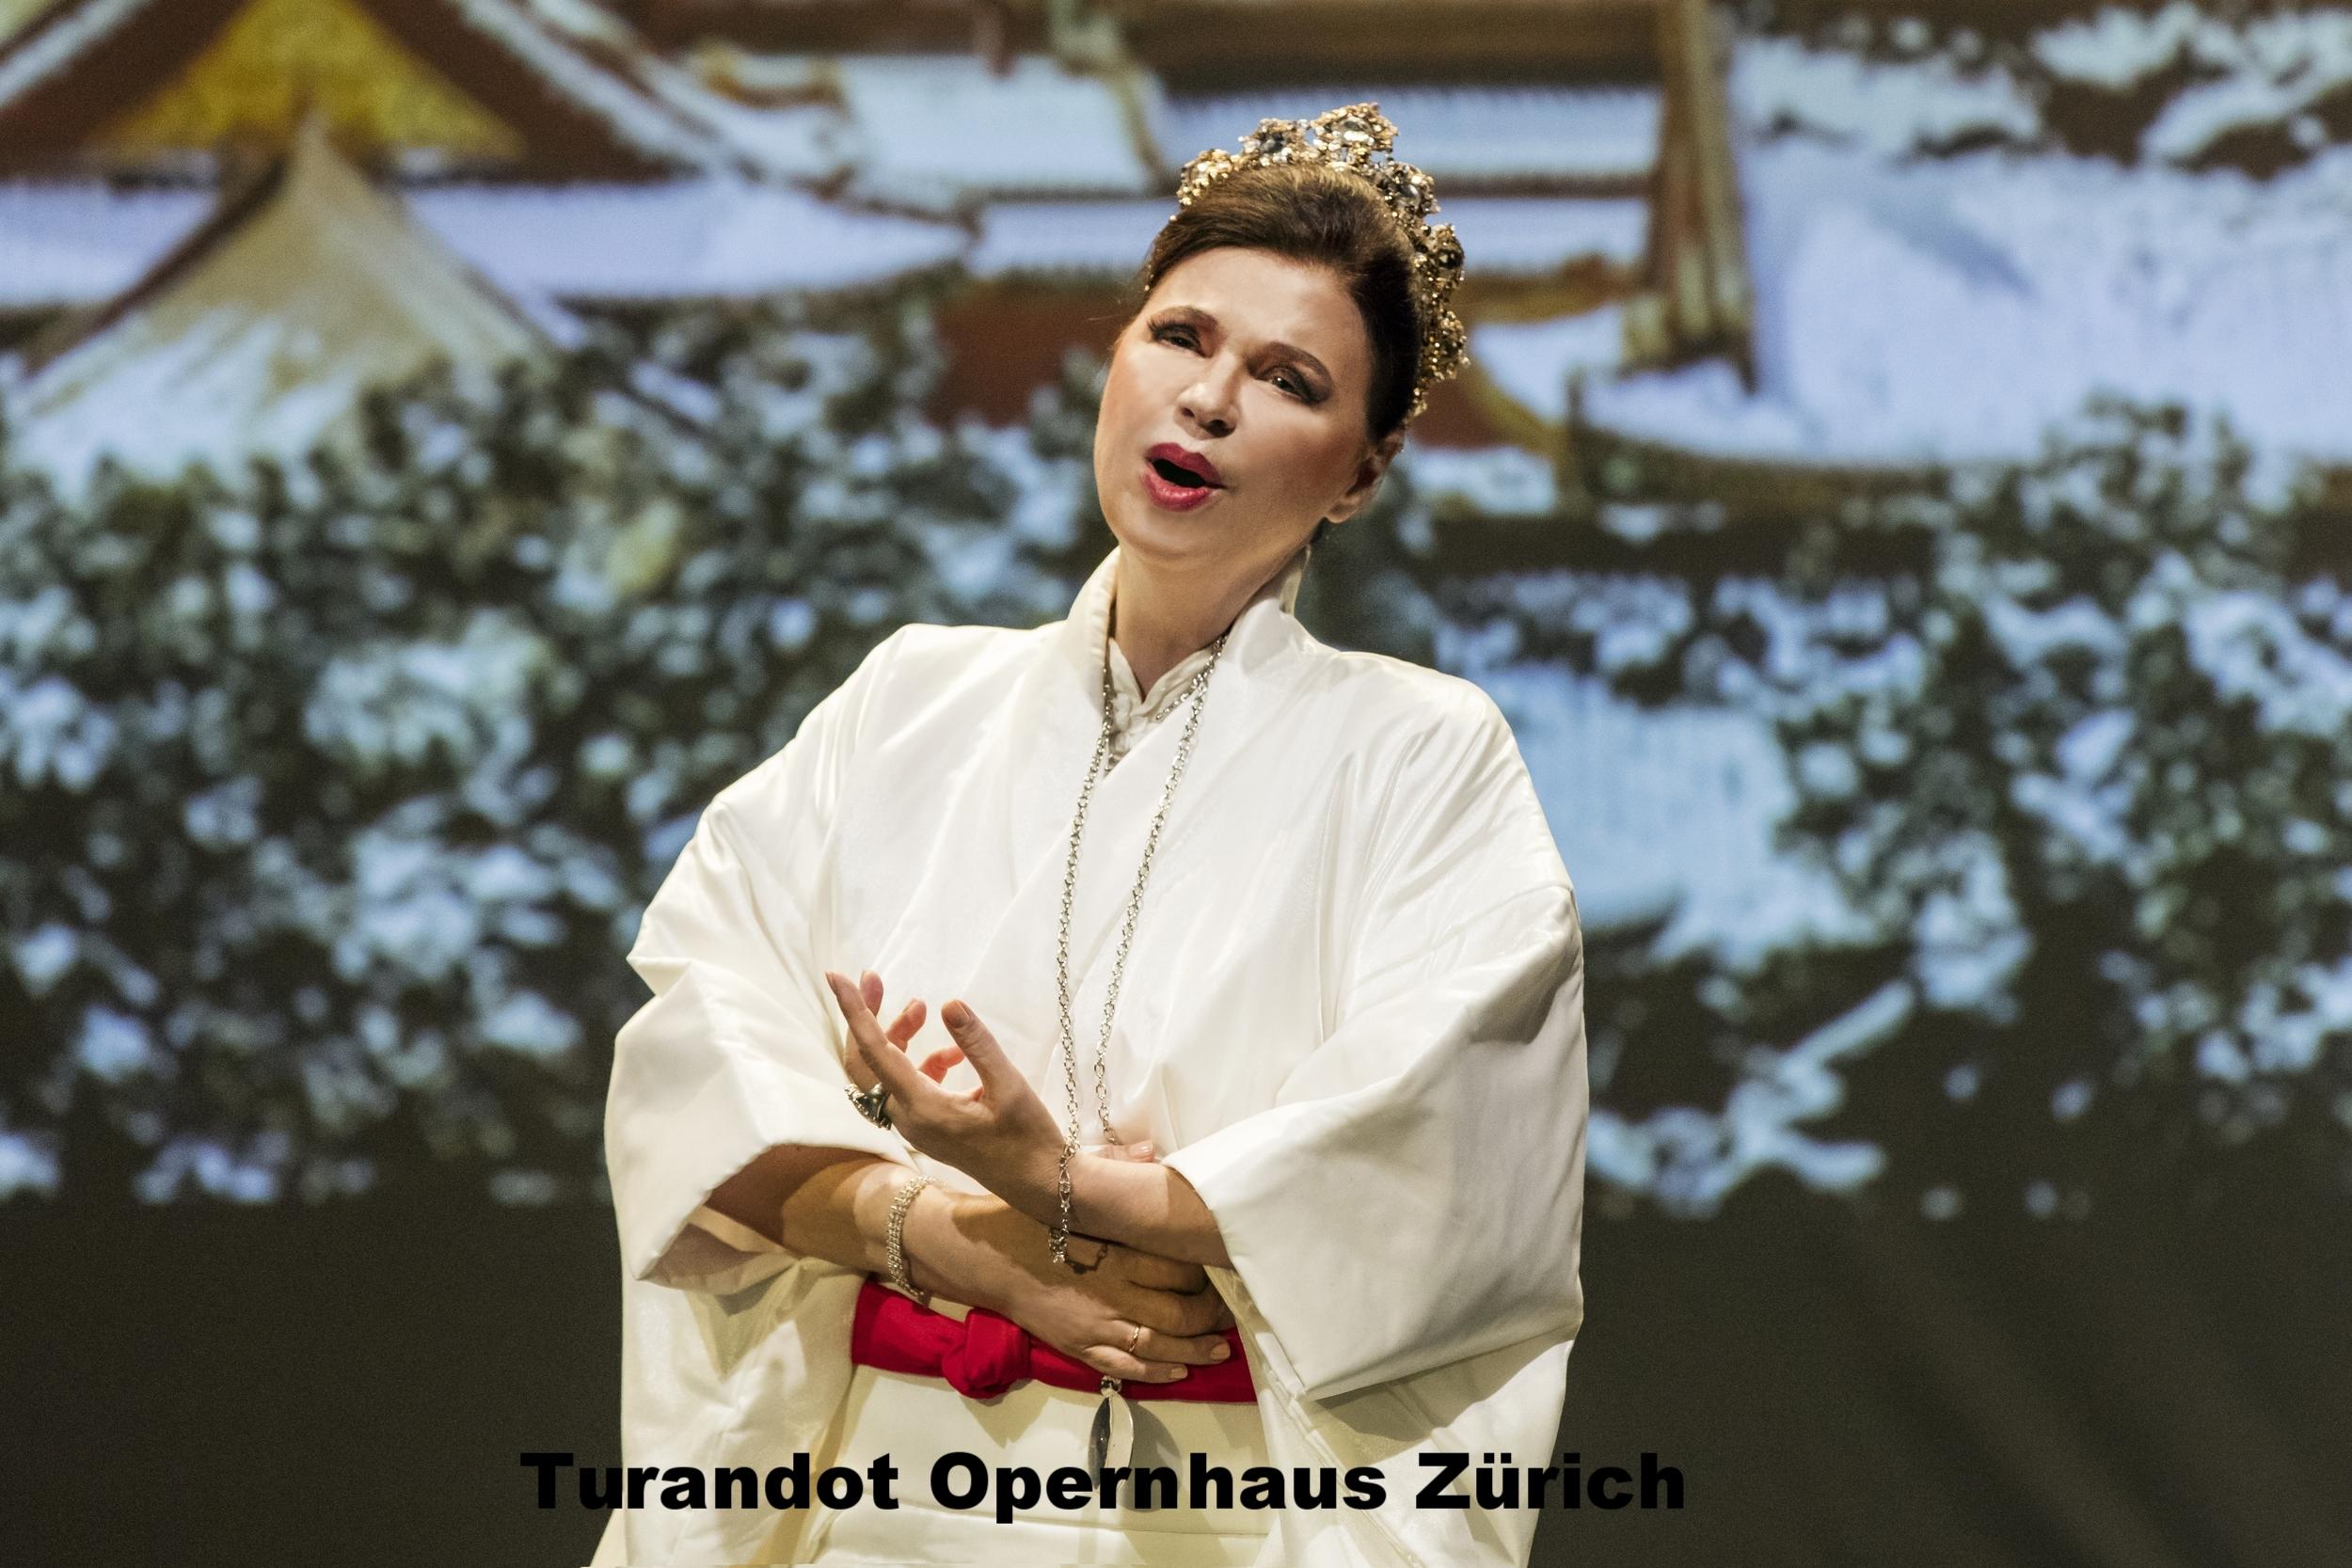 Turandot Oper Zürich - Geschichten erzählen mit Musik